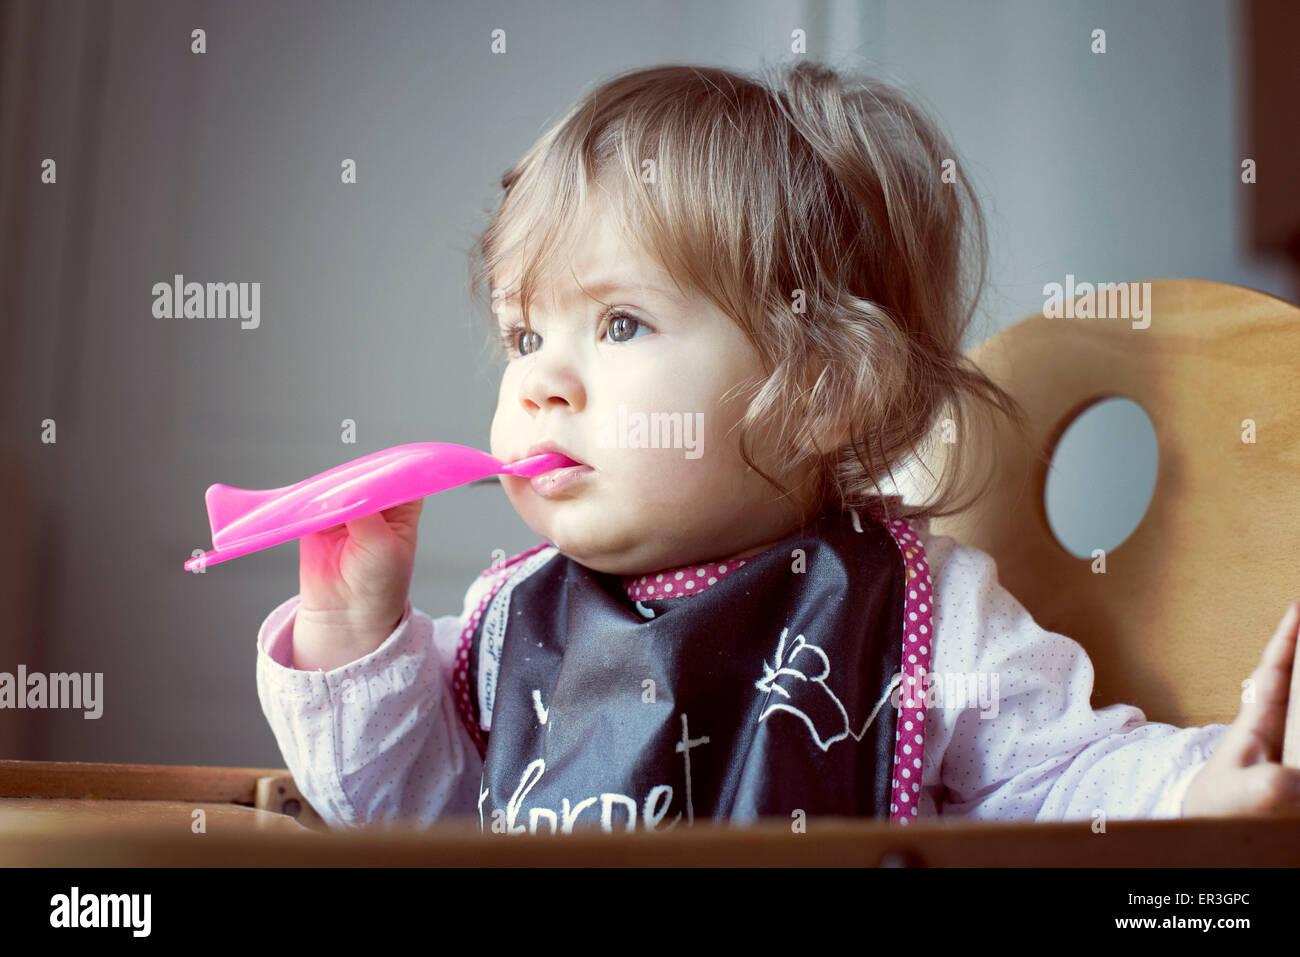 Alimentation bébé fille elle-même Photo Stock